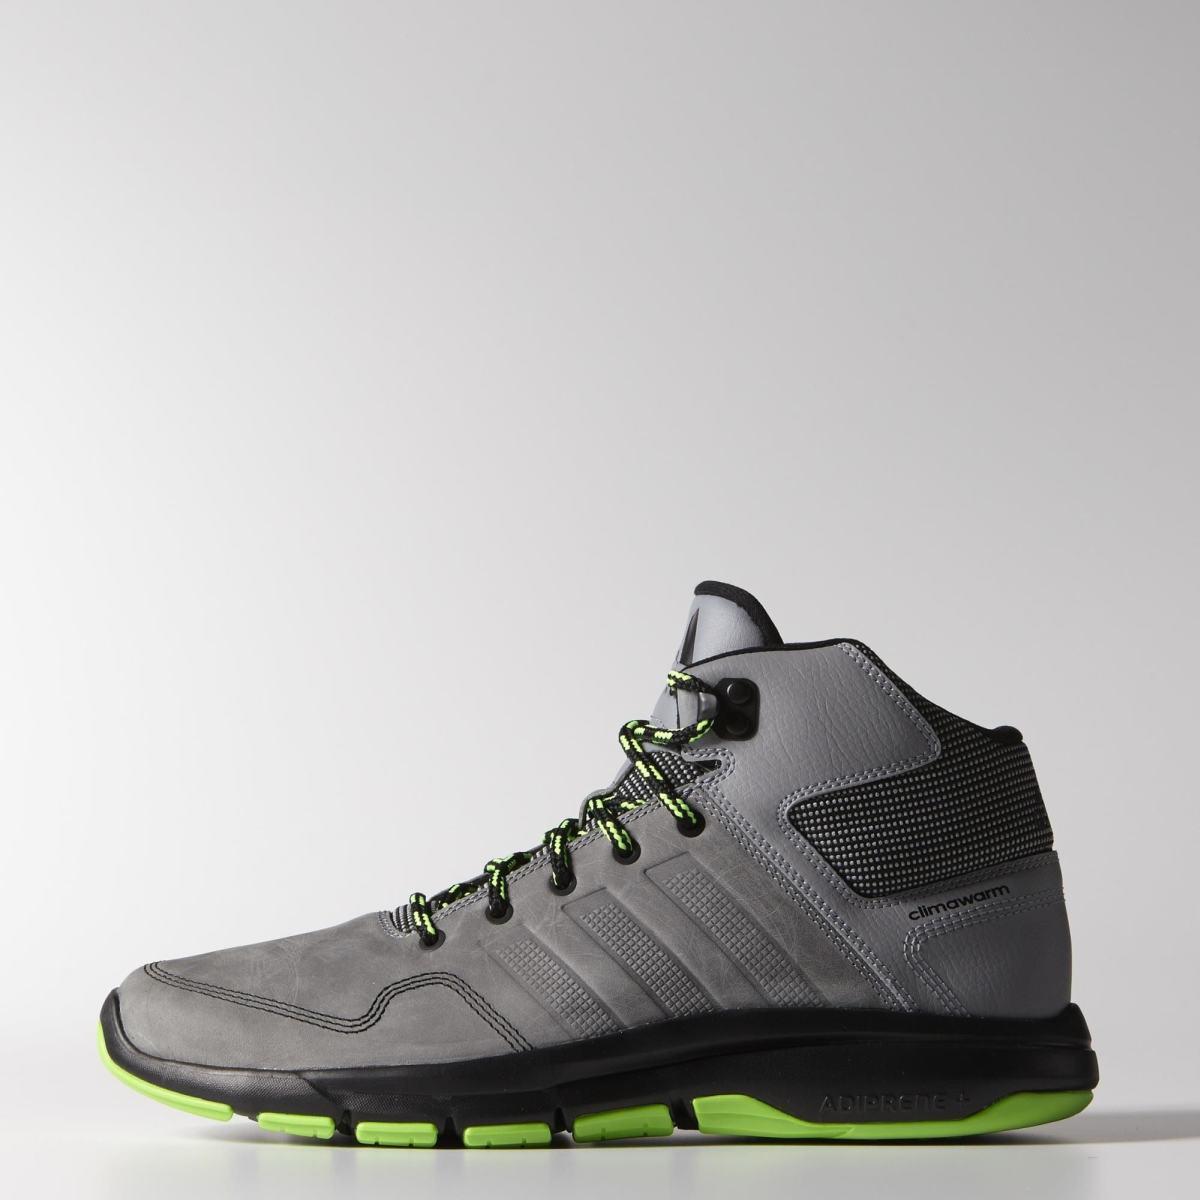 a82ed05b5a Športové mid-top topánky do zimy. Zvršok je zhotovený z kombinácie  syntetickej a pravej kože. Medzipodrážka disponuje odpružením Adiprene+.